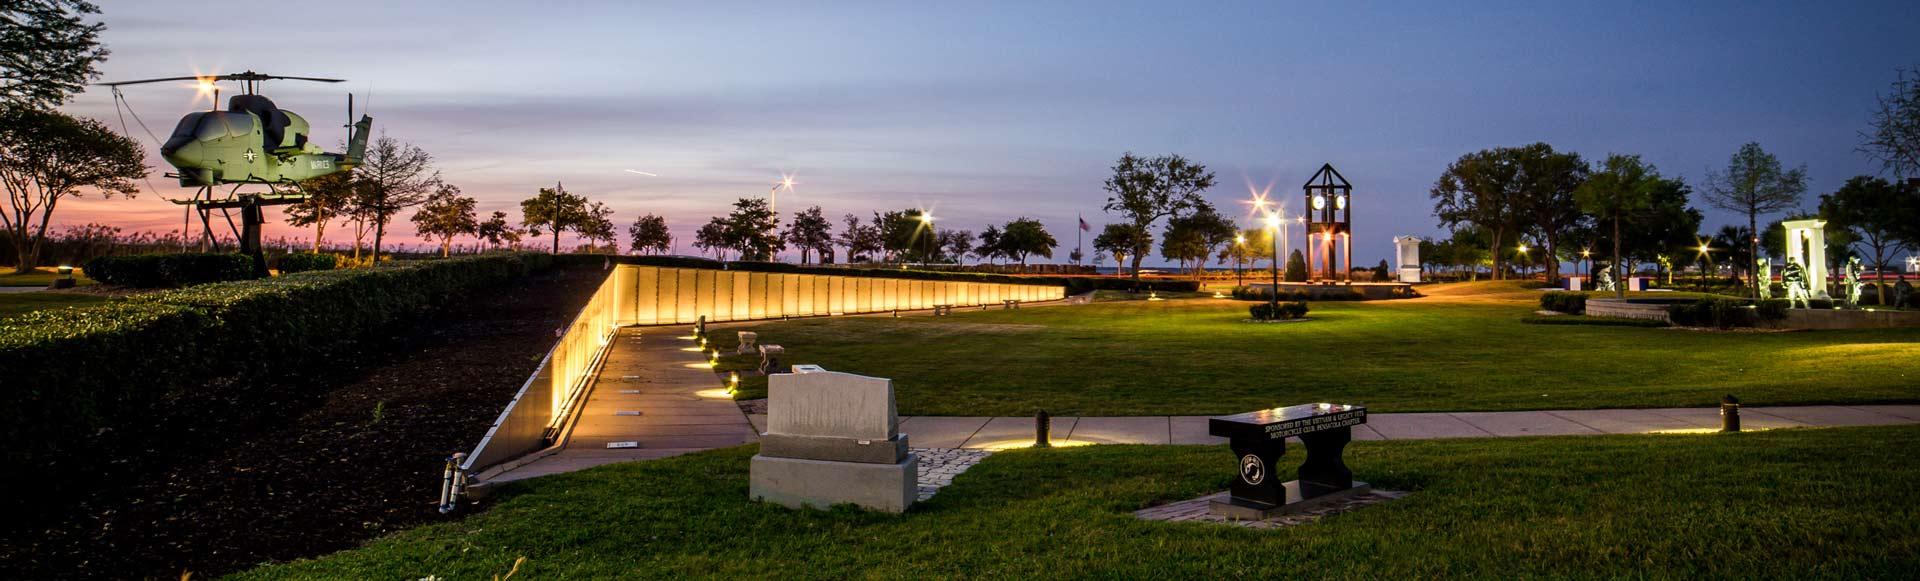 Veteran's Memorial Park, Pensacola